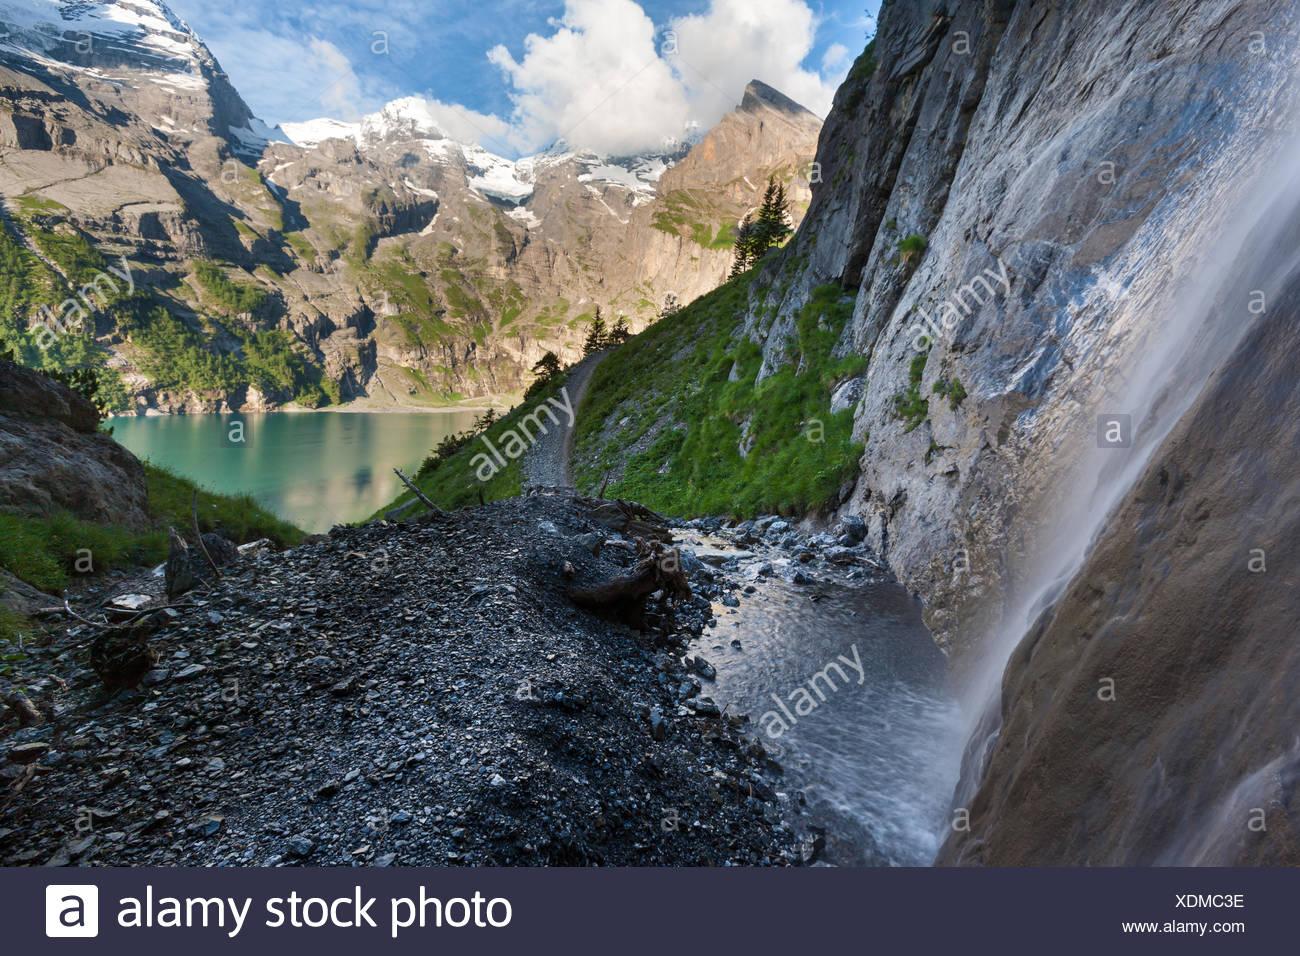 Lago de Oeschinen, Suiza, Europa, cantón de Berna, en el Oberland Bernés Kandertal, Mountain Lake, Lago, montañas, cascadas Foto de stock